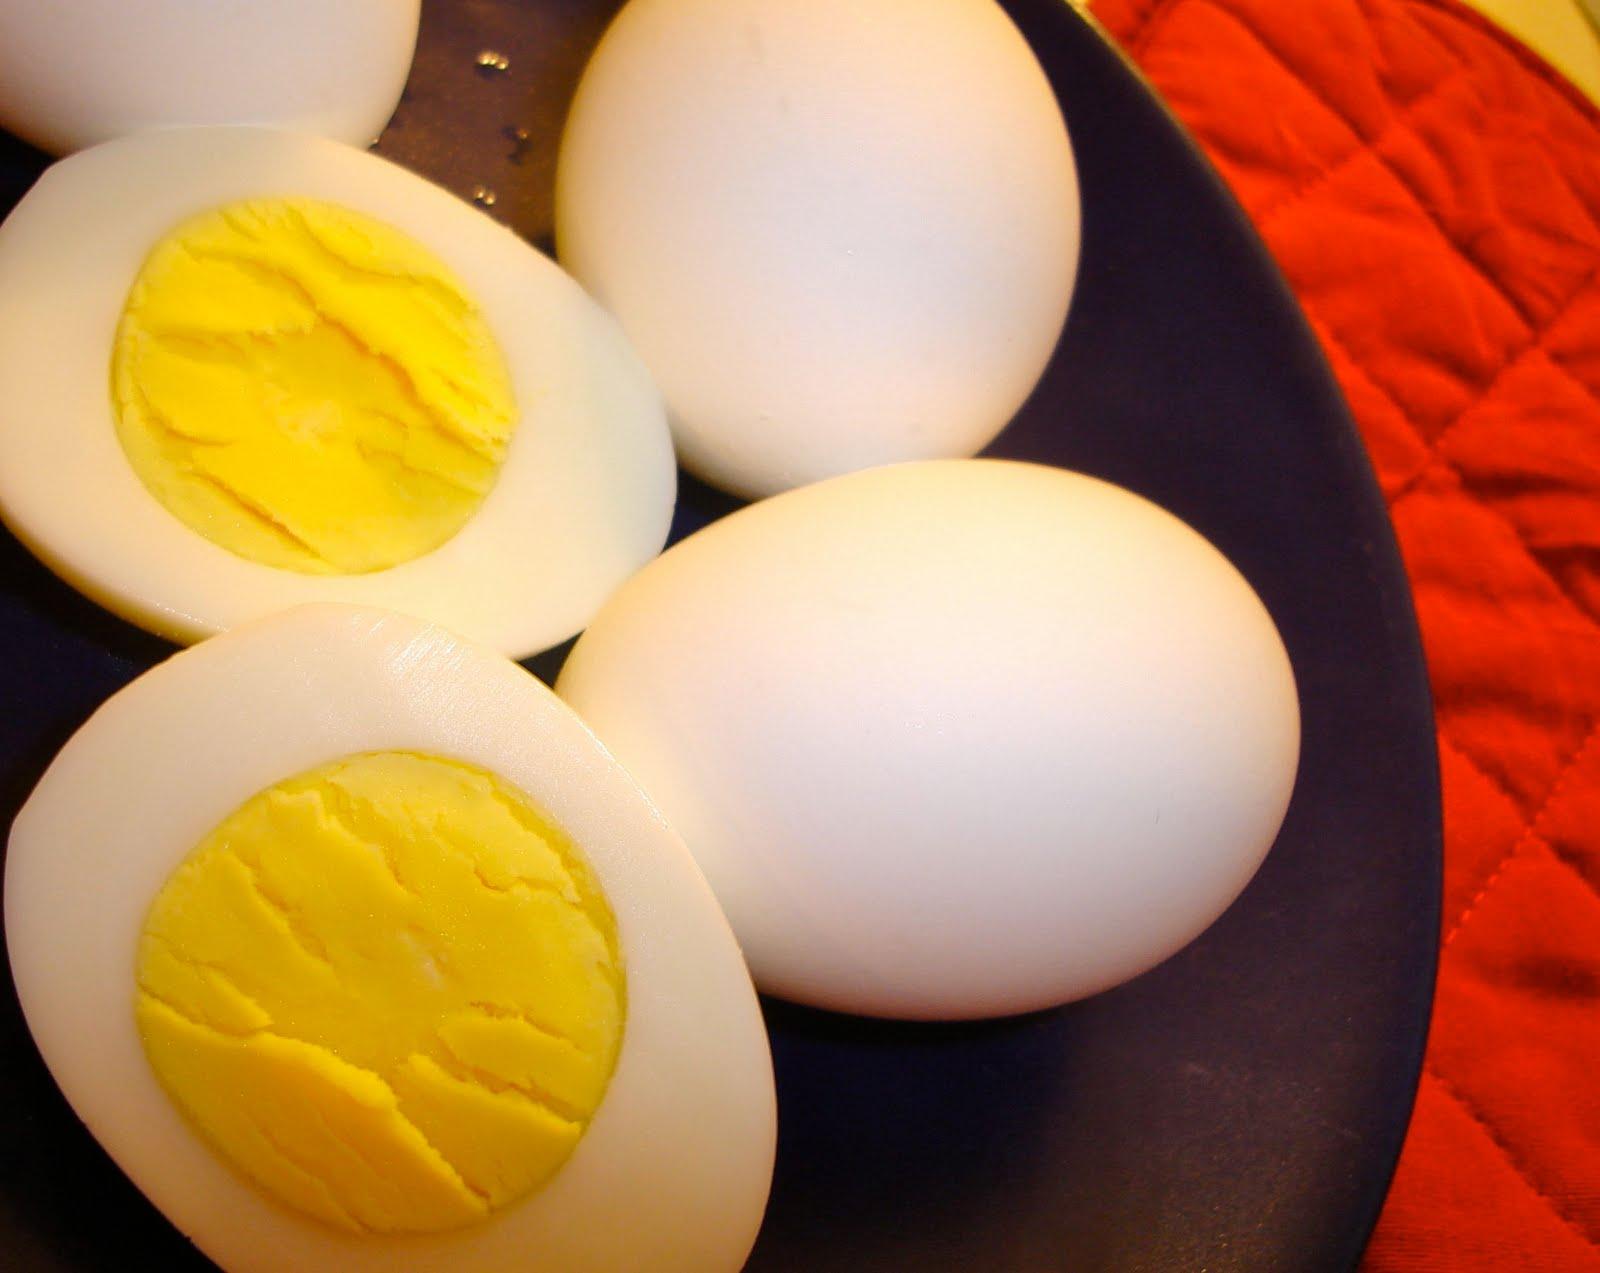 http://www.thetruecare.com/wp-content/uploads/2013/12/hard-boiled-eggs.jpg